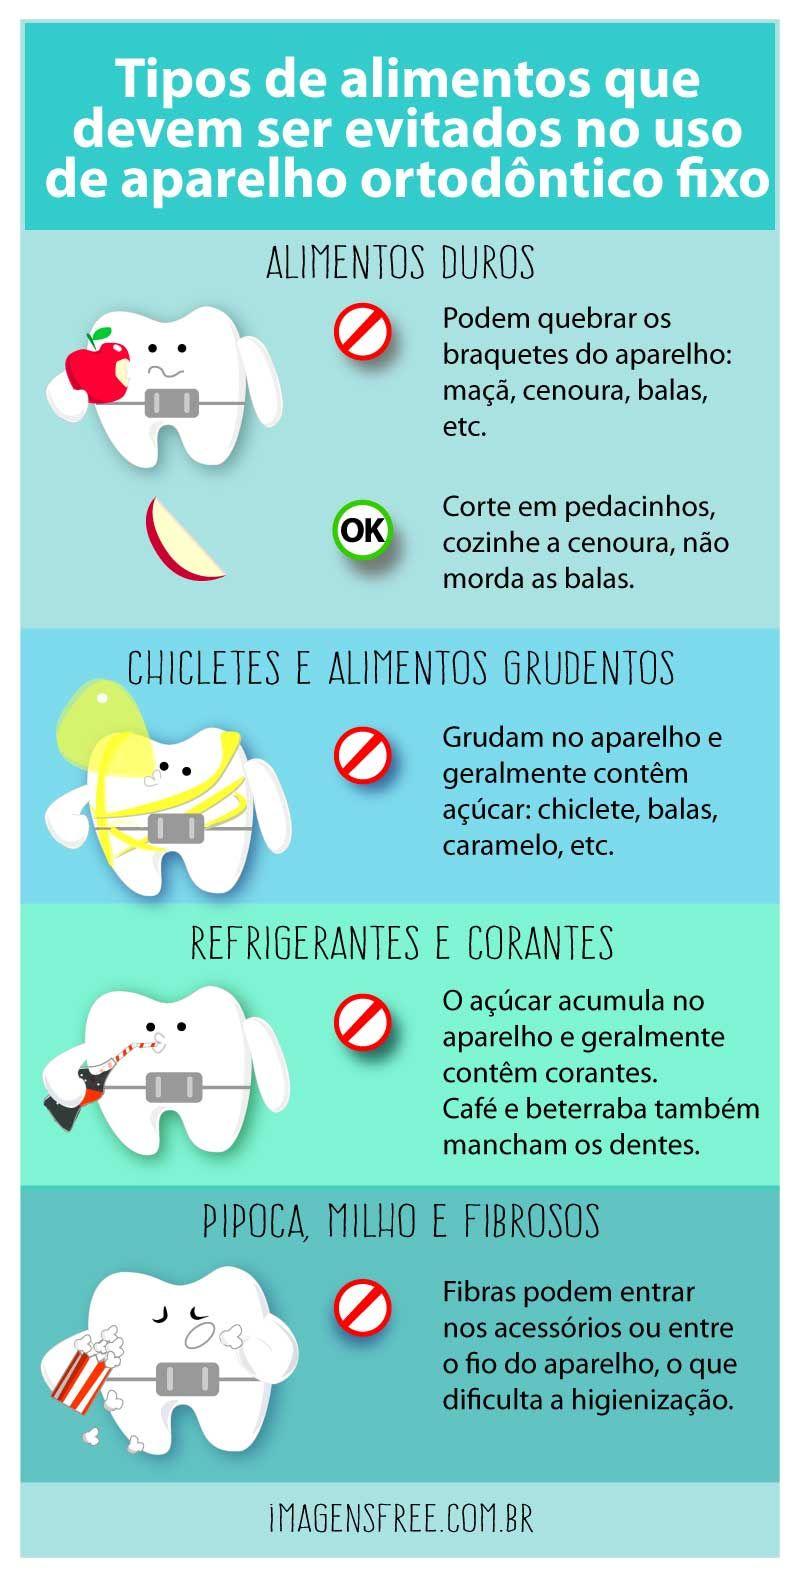 6f05c3130 Infográfico de aparelho ortodôntico e alimentos que devem ser evitados